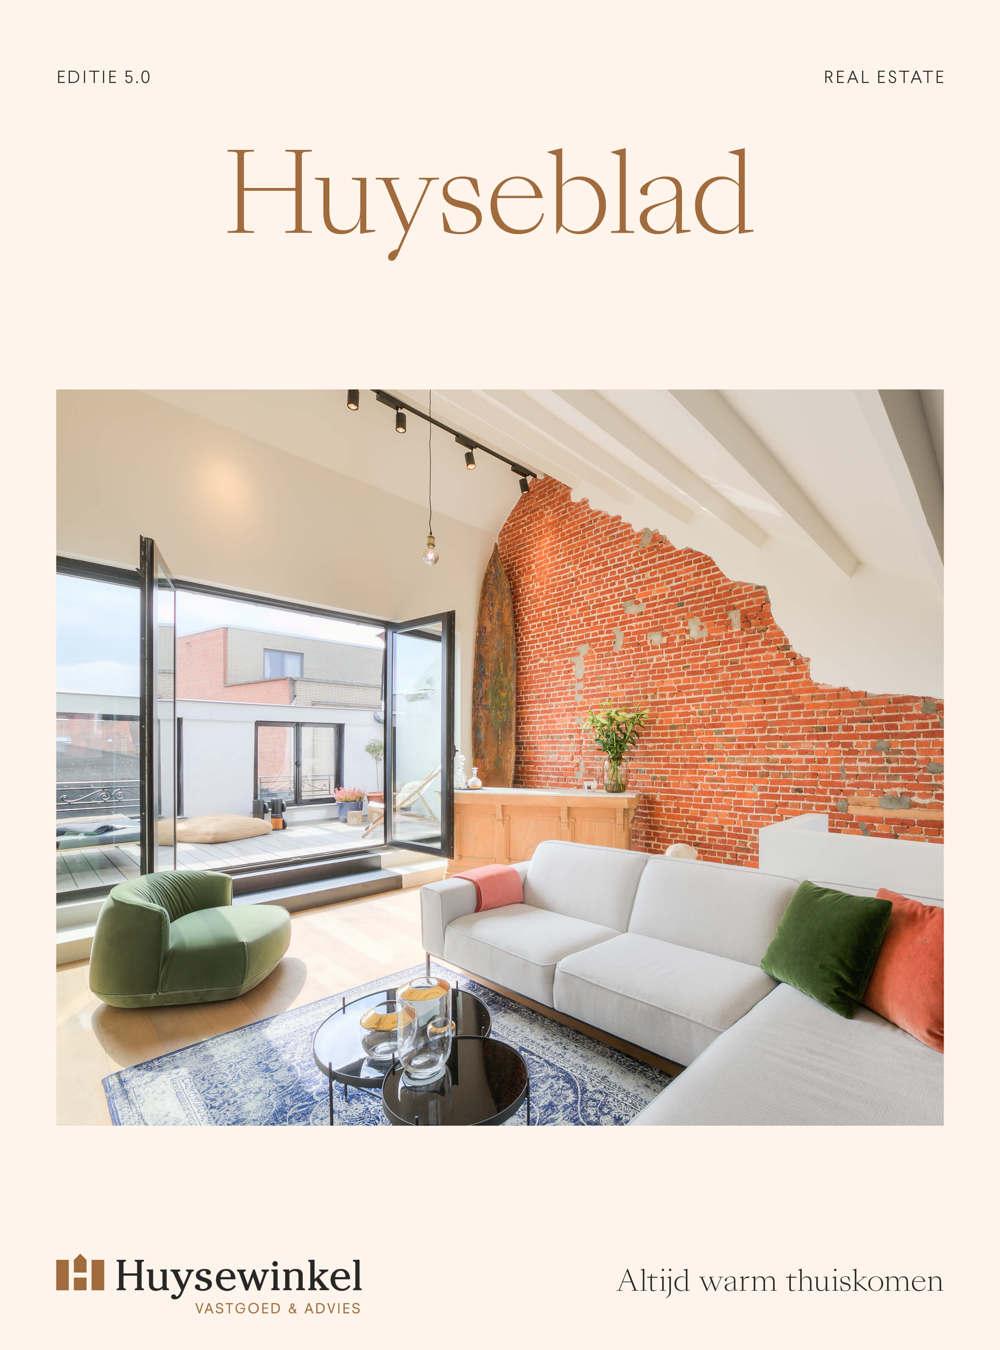 Huyseblad Editie 5.0